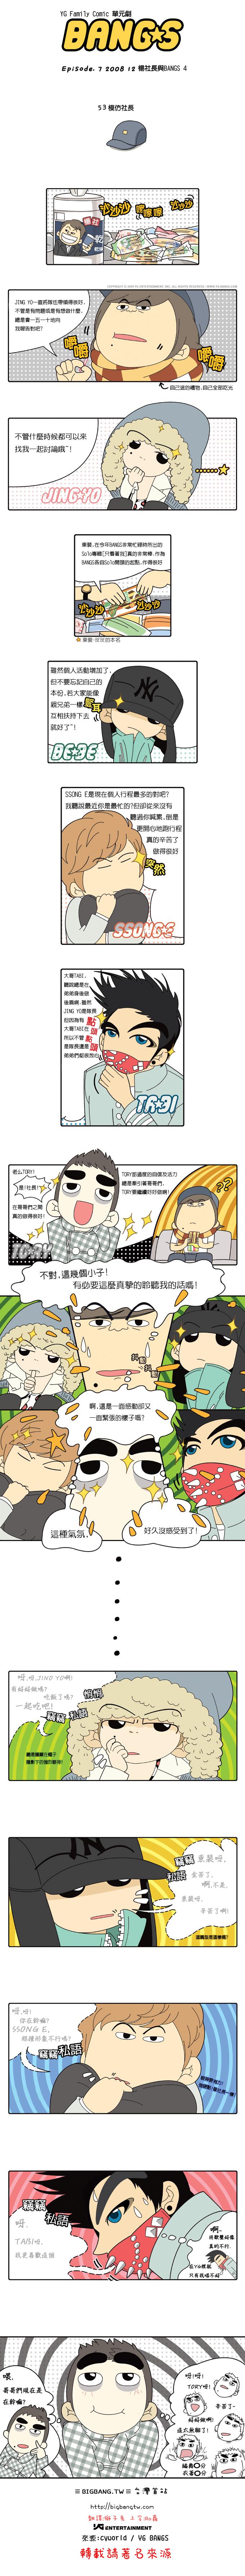 中譯 20090715_Episode 7_200812 楊社長與BANGS 053.png